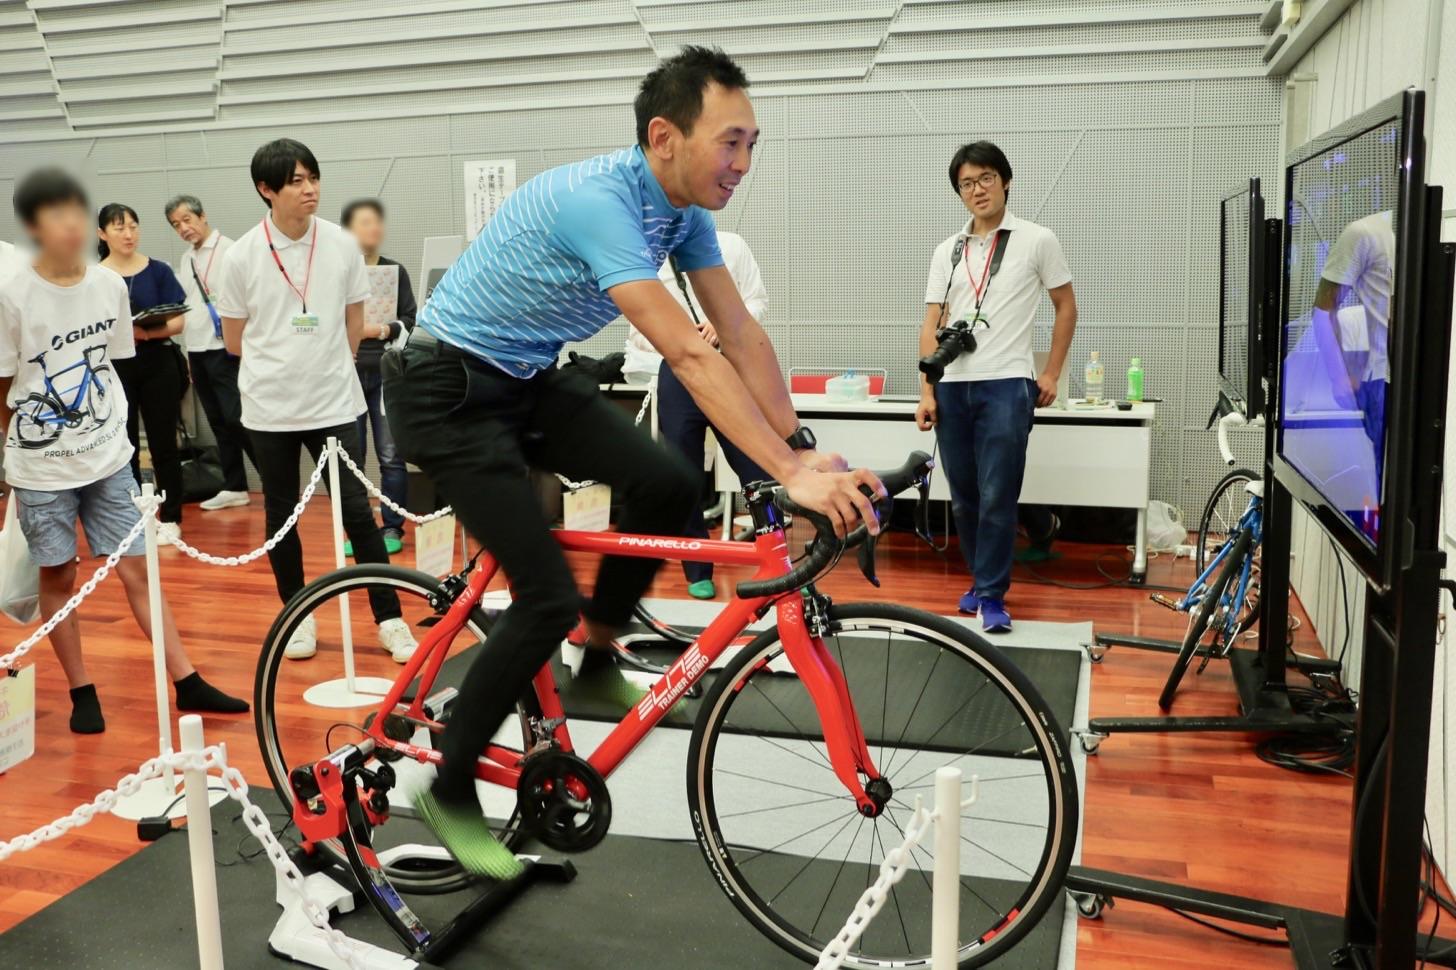 固定自転車による市内コース(尾根幹線)とツール・ド・フランスのコースのバーチャル走行シュミレーション体験が行われ、田代さんによるデモ走行も